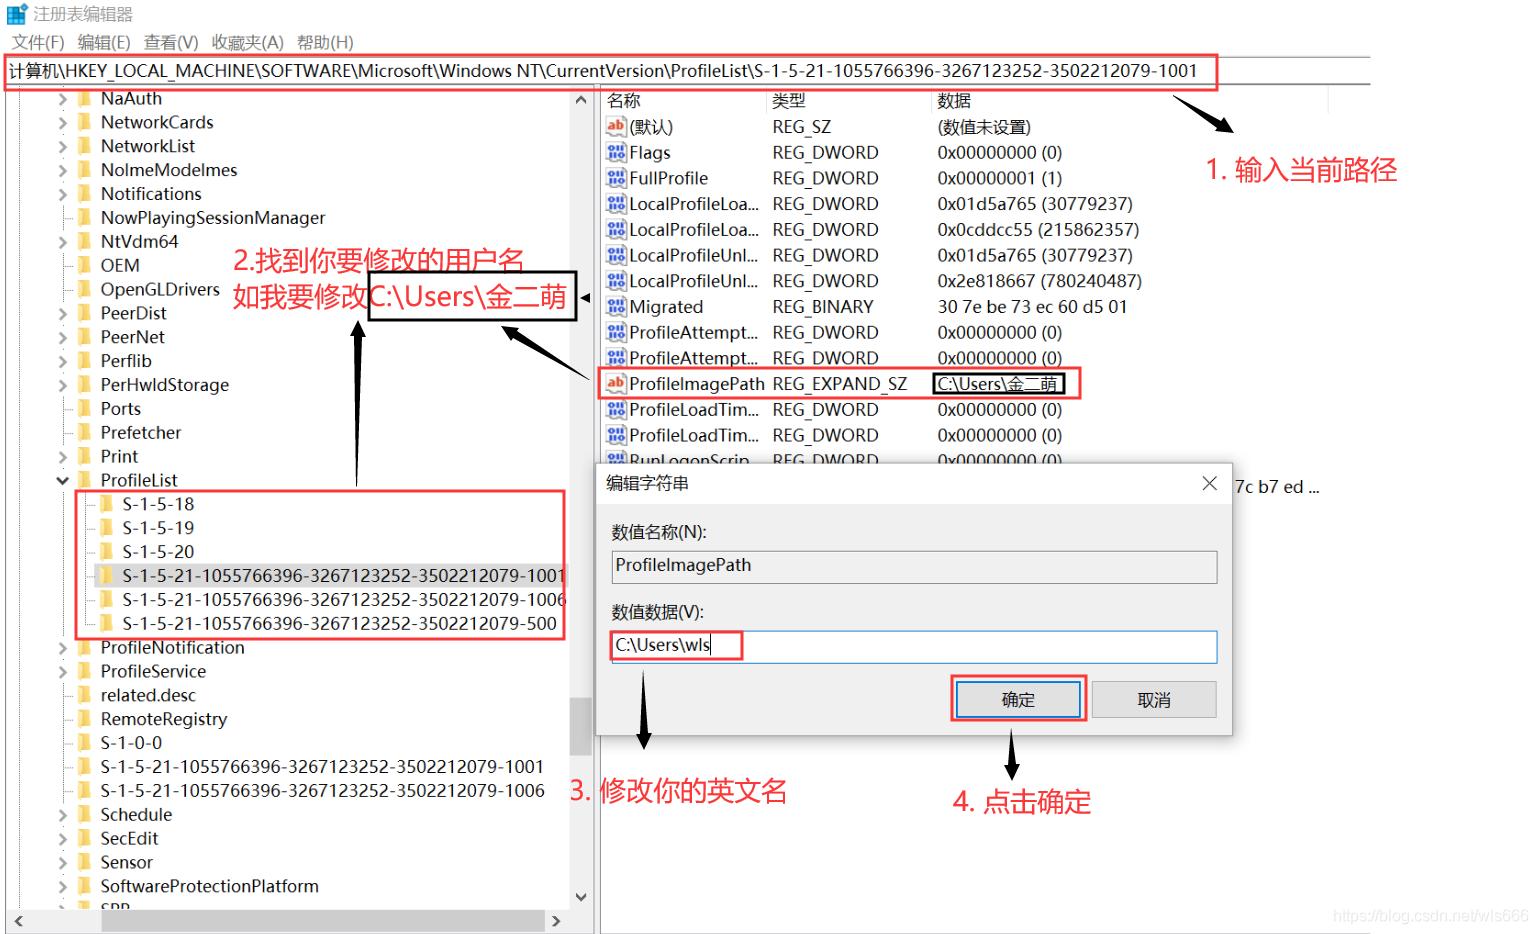 [外链图片转存失败,源站可能有防盗链机制,建议将图片保存下来直接上传(img-1krAt4Px-1575176756019)(images\7-修改注册表信息.png)]